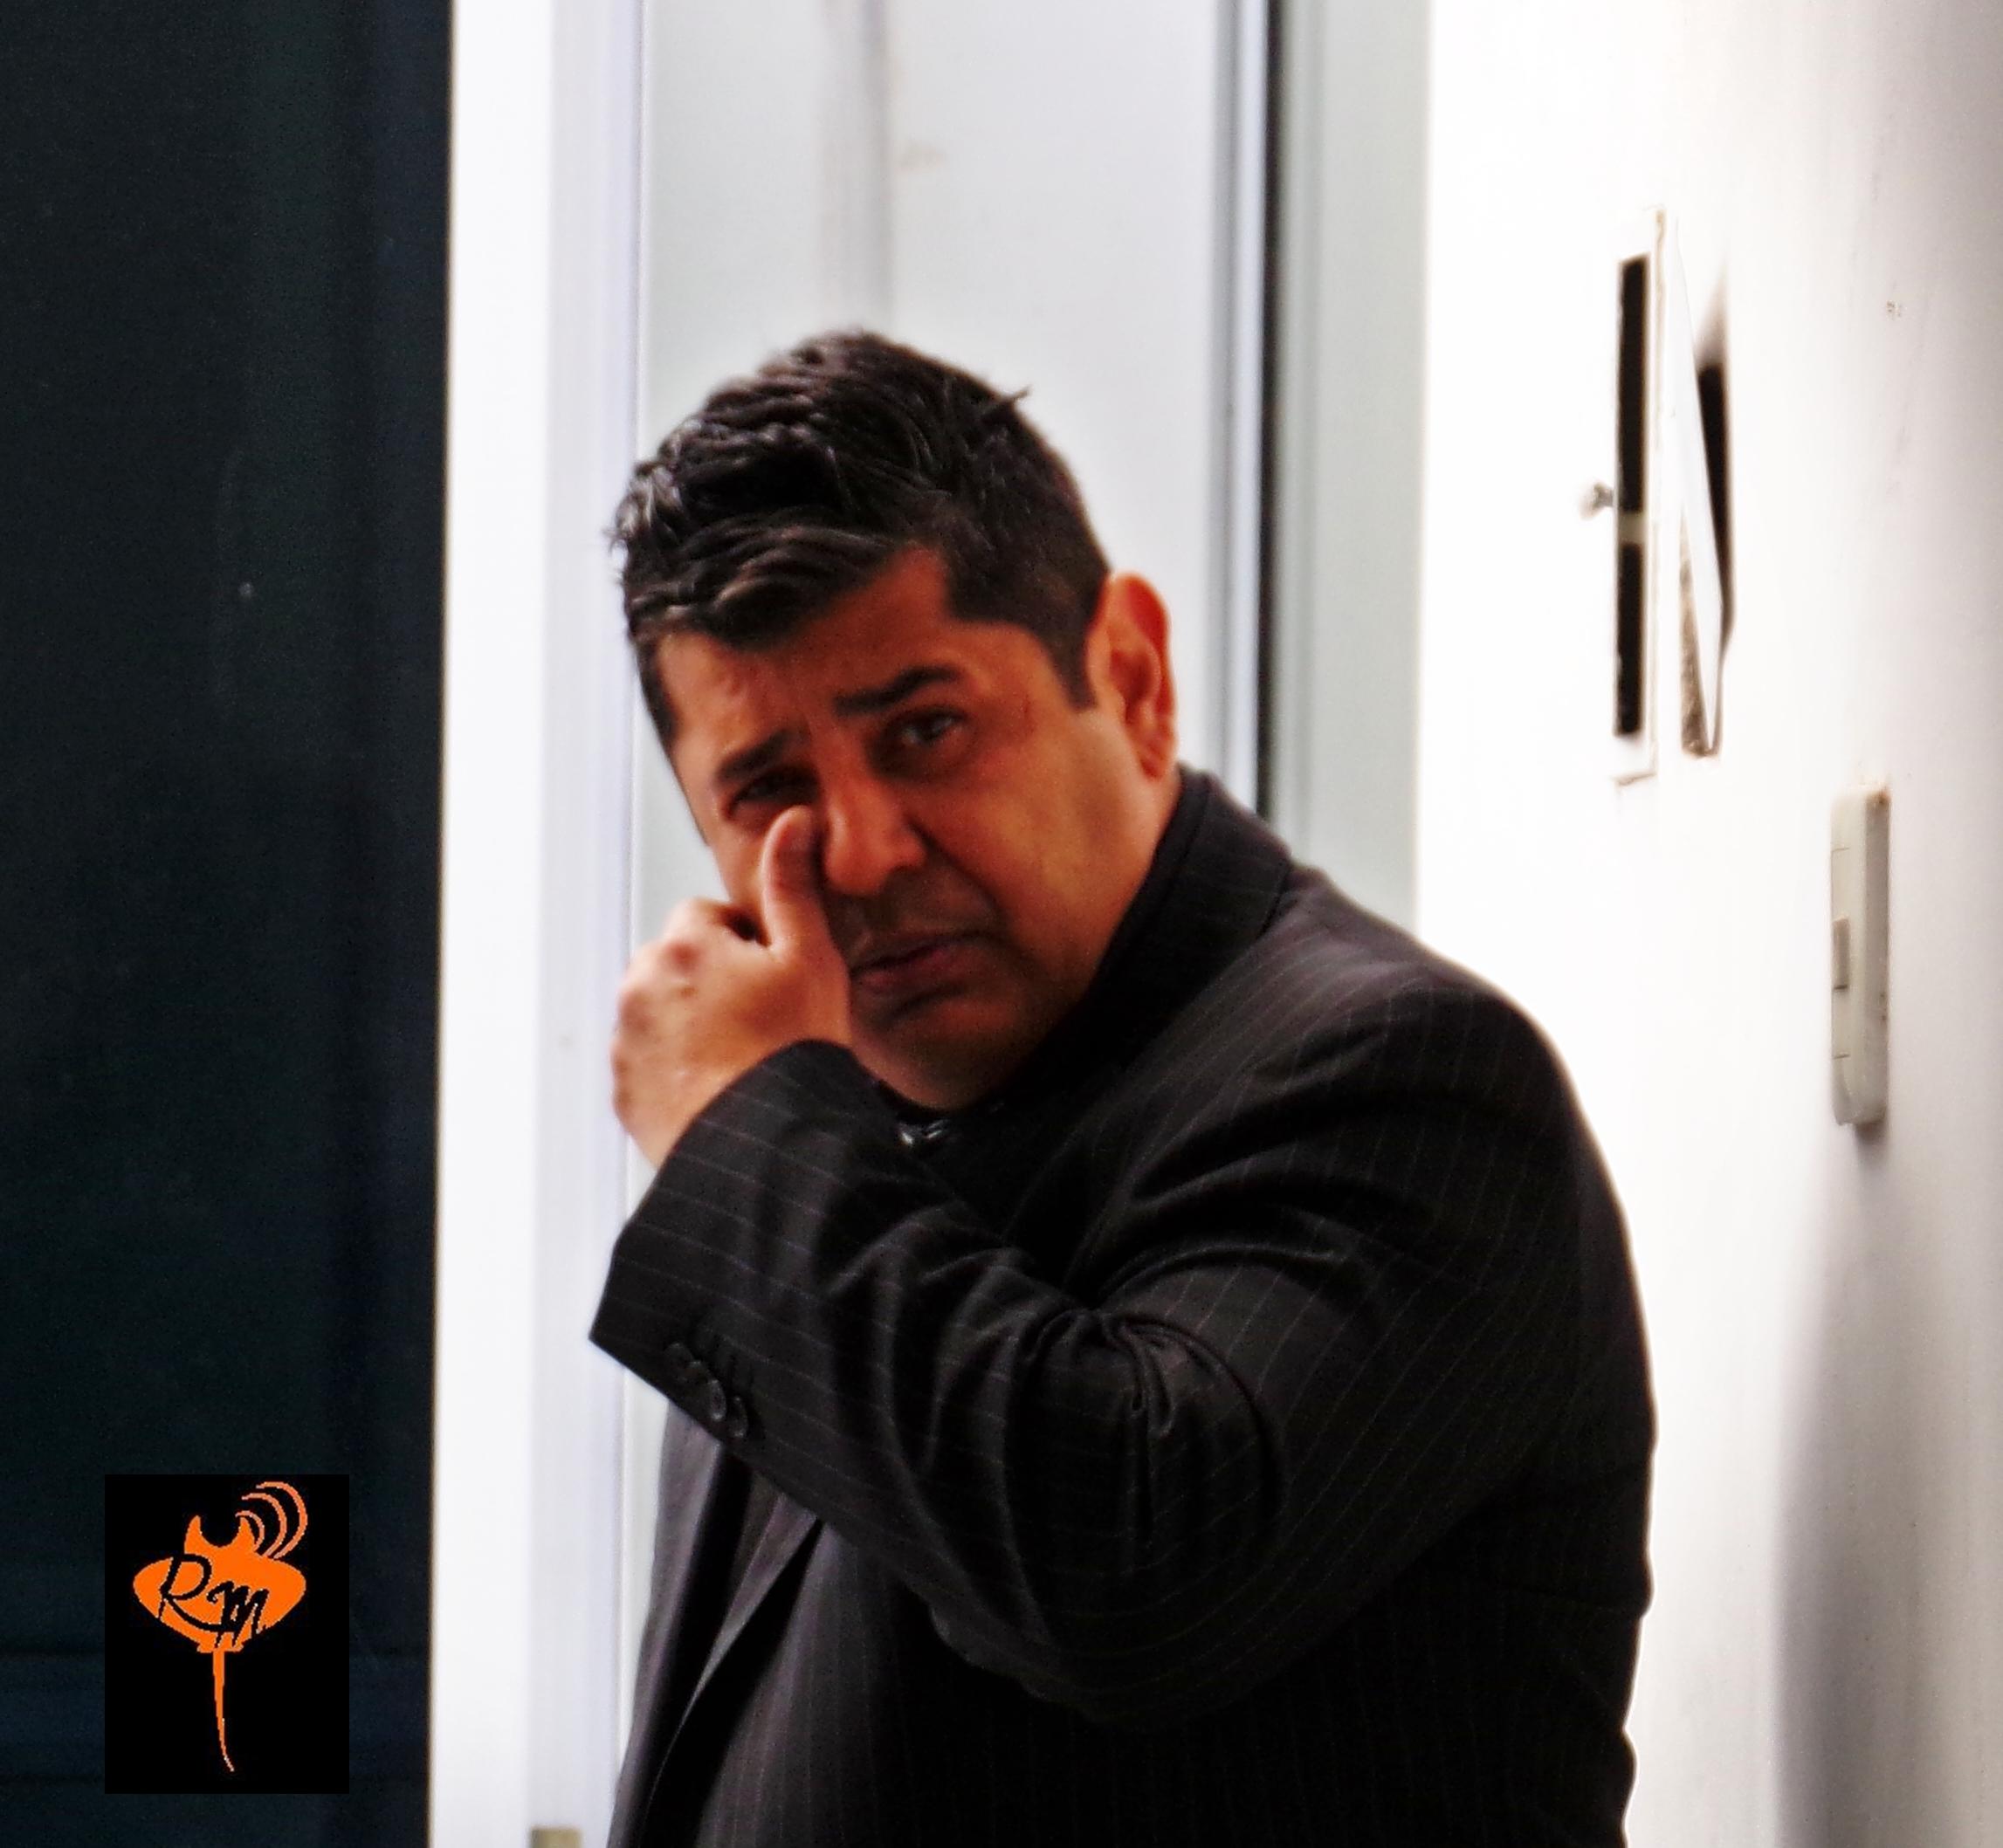 Caso Casali: ¿Por qué Vouilloz todavía no está preso? [Artículo de opinión]